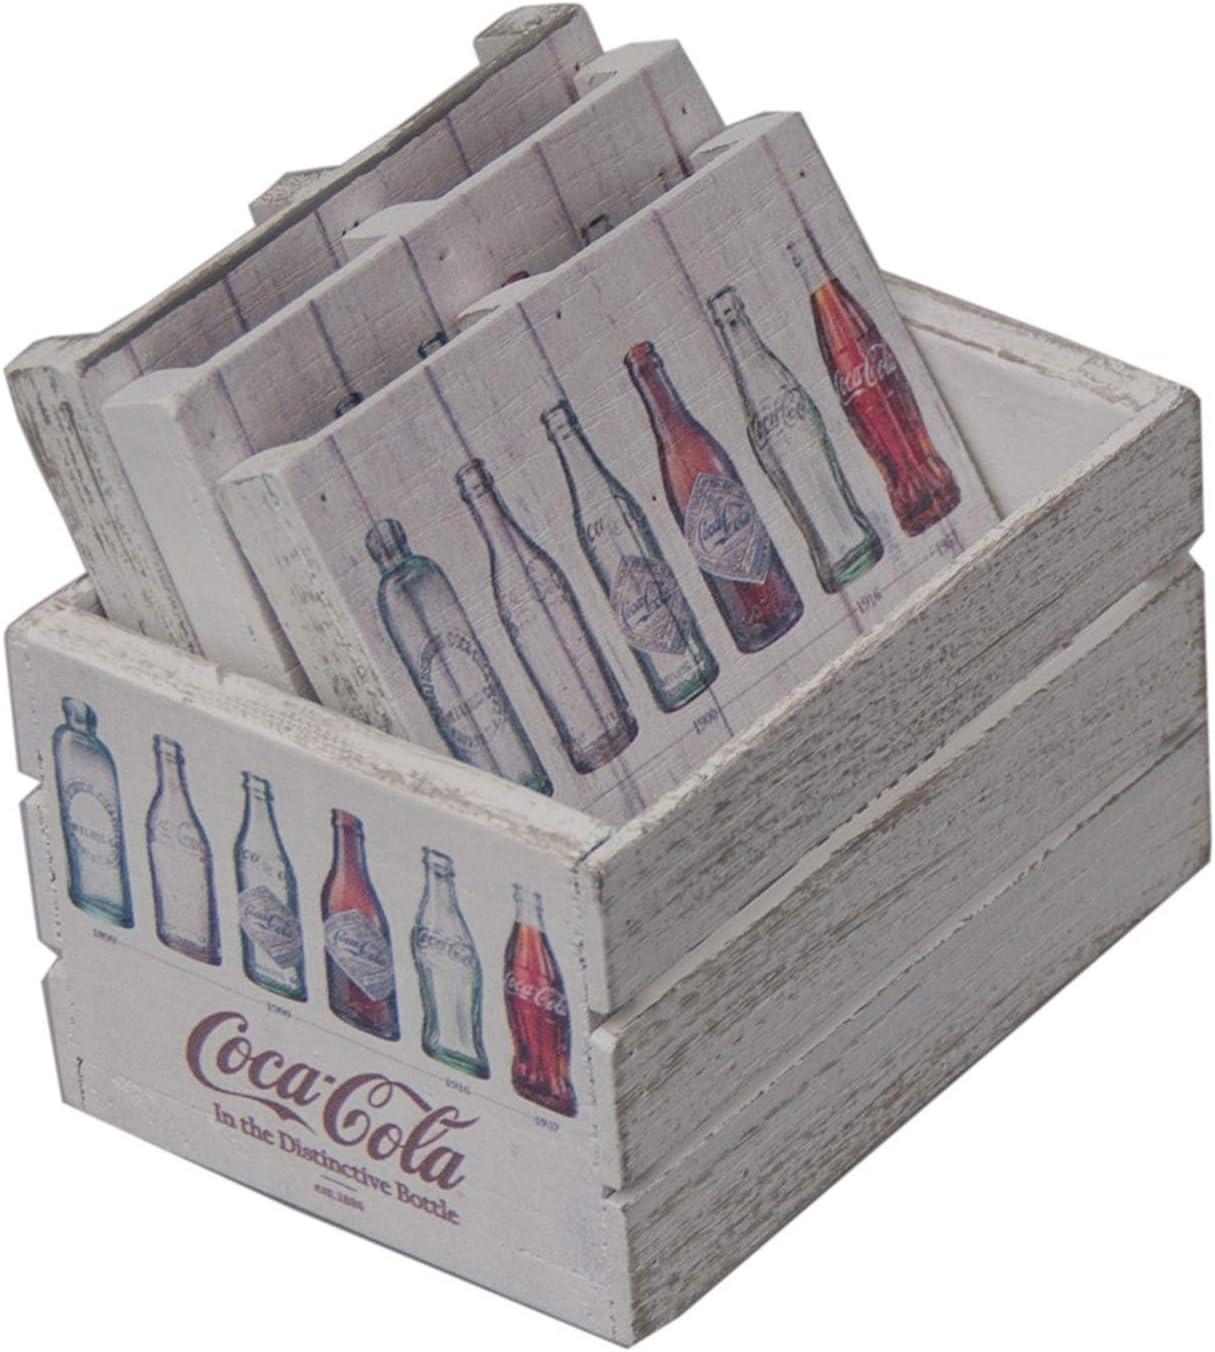 Untersetzer Coca-Cola Flaschengeschichte aus Holz mit Aufbewahrungsbox 6er Set